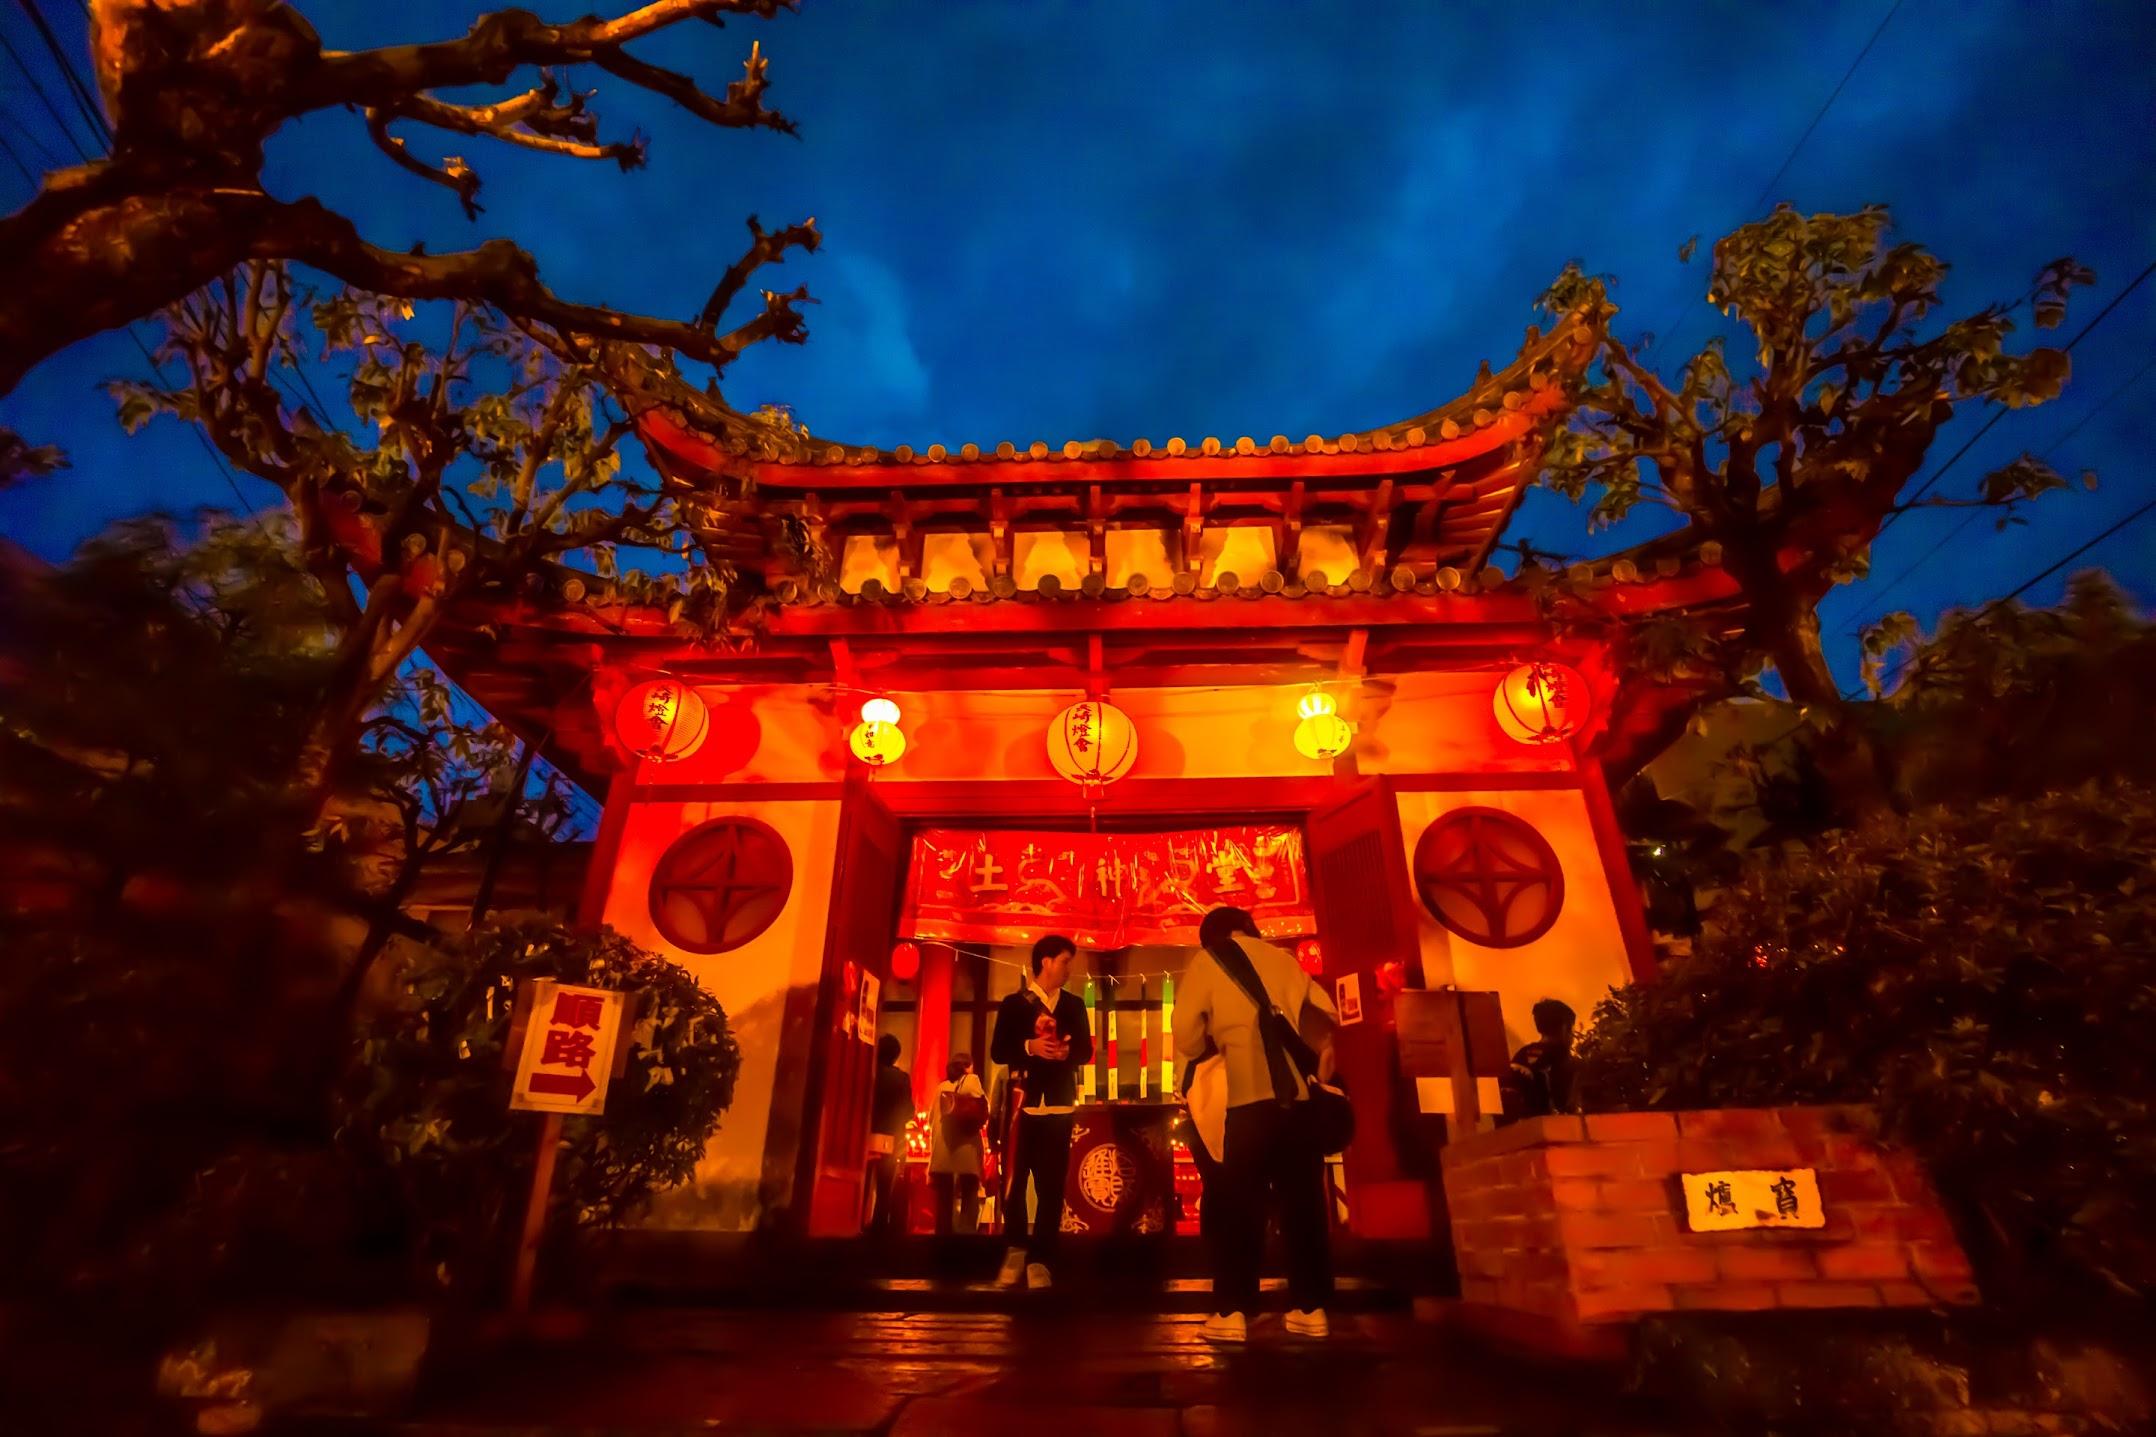 長崎ランタンフェスティバル 唐人屋敷跡 土神堂2